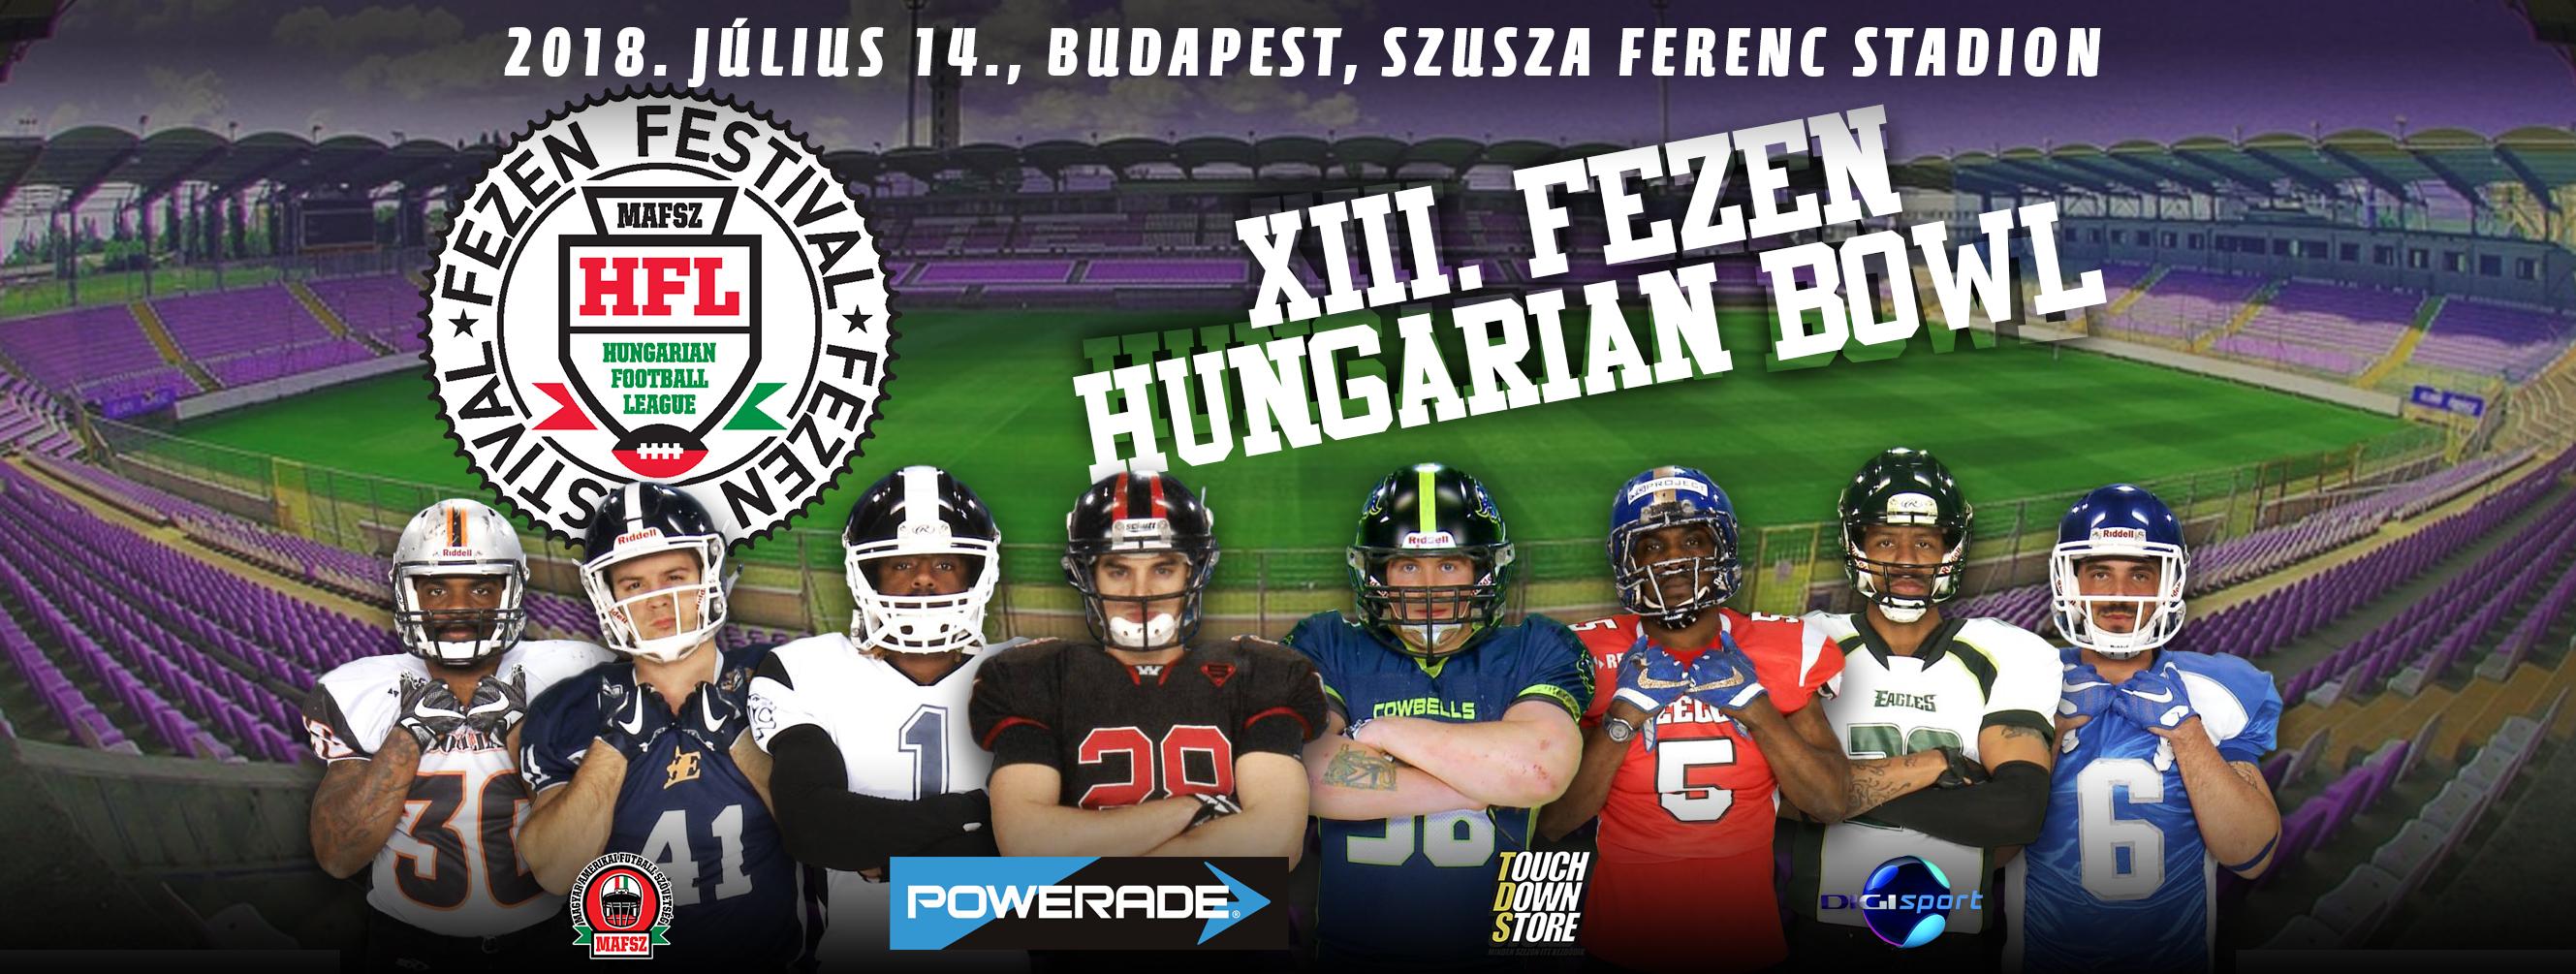 XIII FEZEN Hungarian bowl cover borító plakát